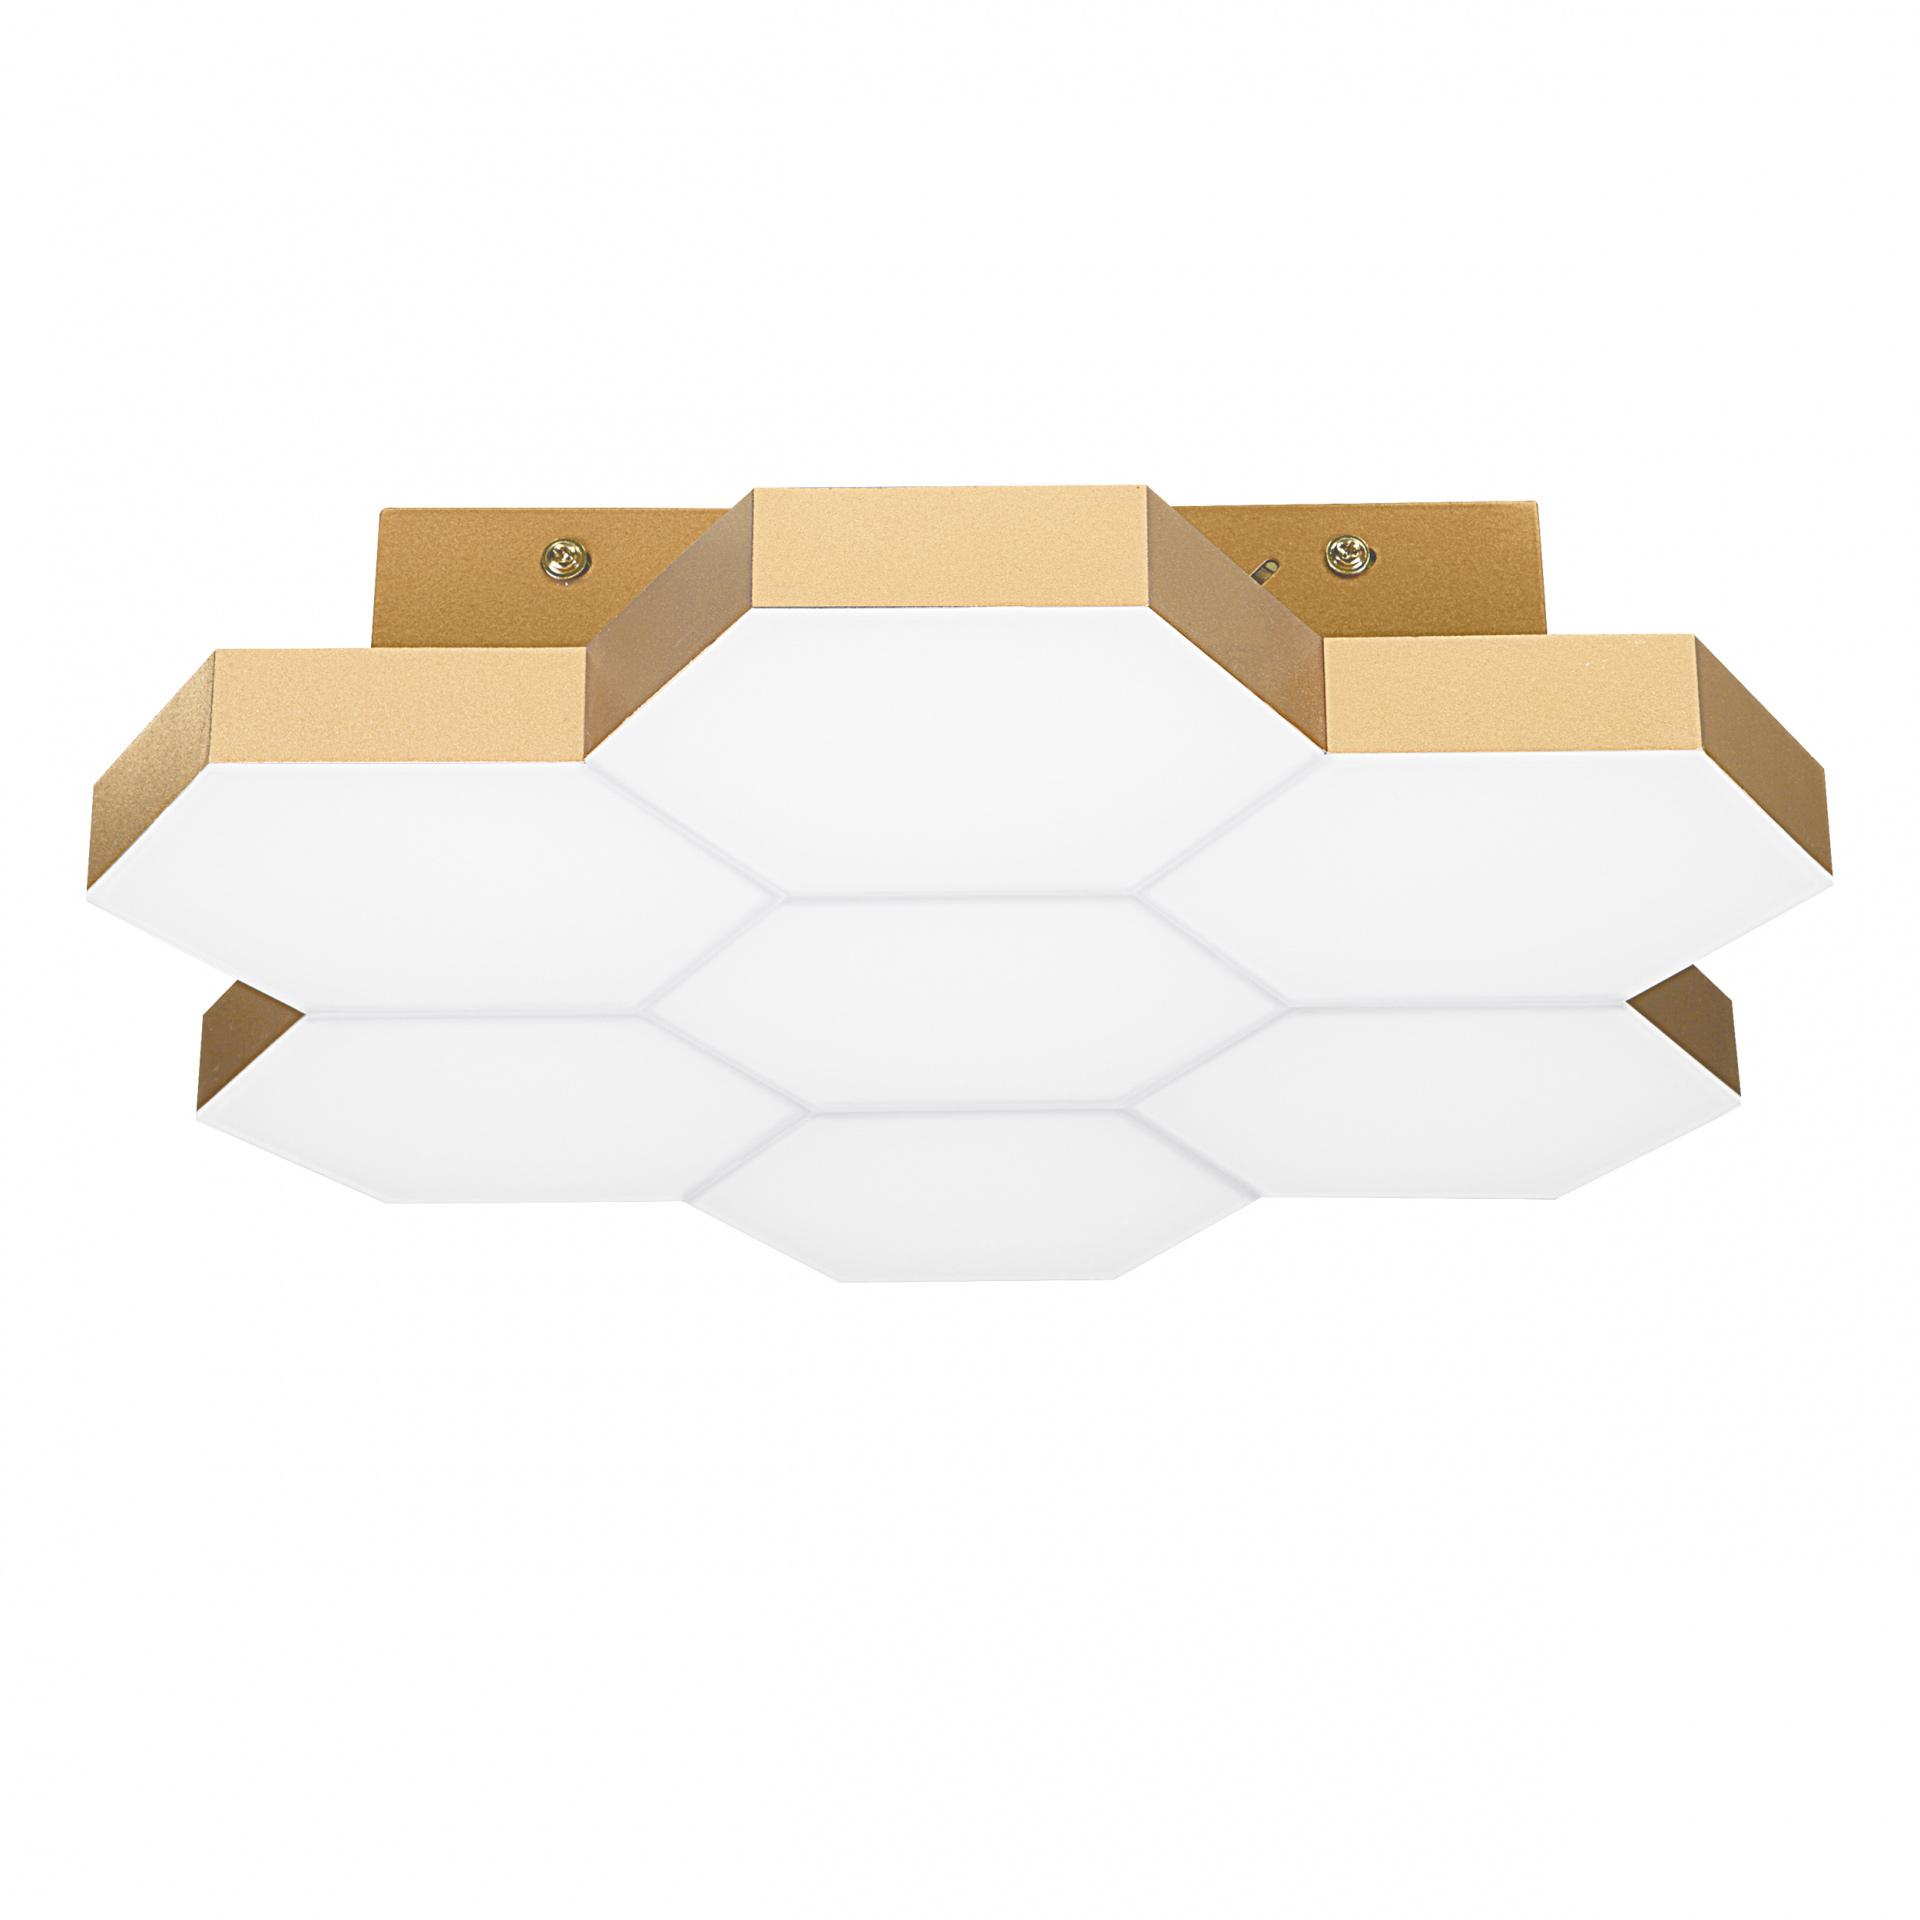 Светильник потолочный Favo LED-35W 1680LM satin gold 4000K Lightstar 750073, купить в СПб, Москве, с доставкой, Санкт-Петербург, интернет-магазин люстр и светильников Starlight, фото в жизни